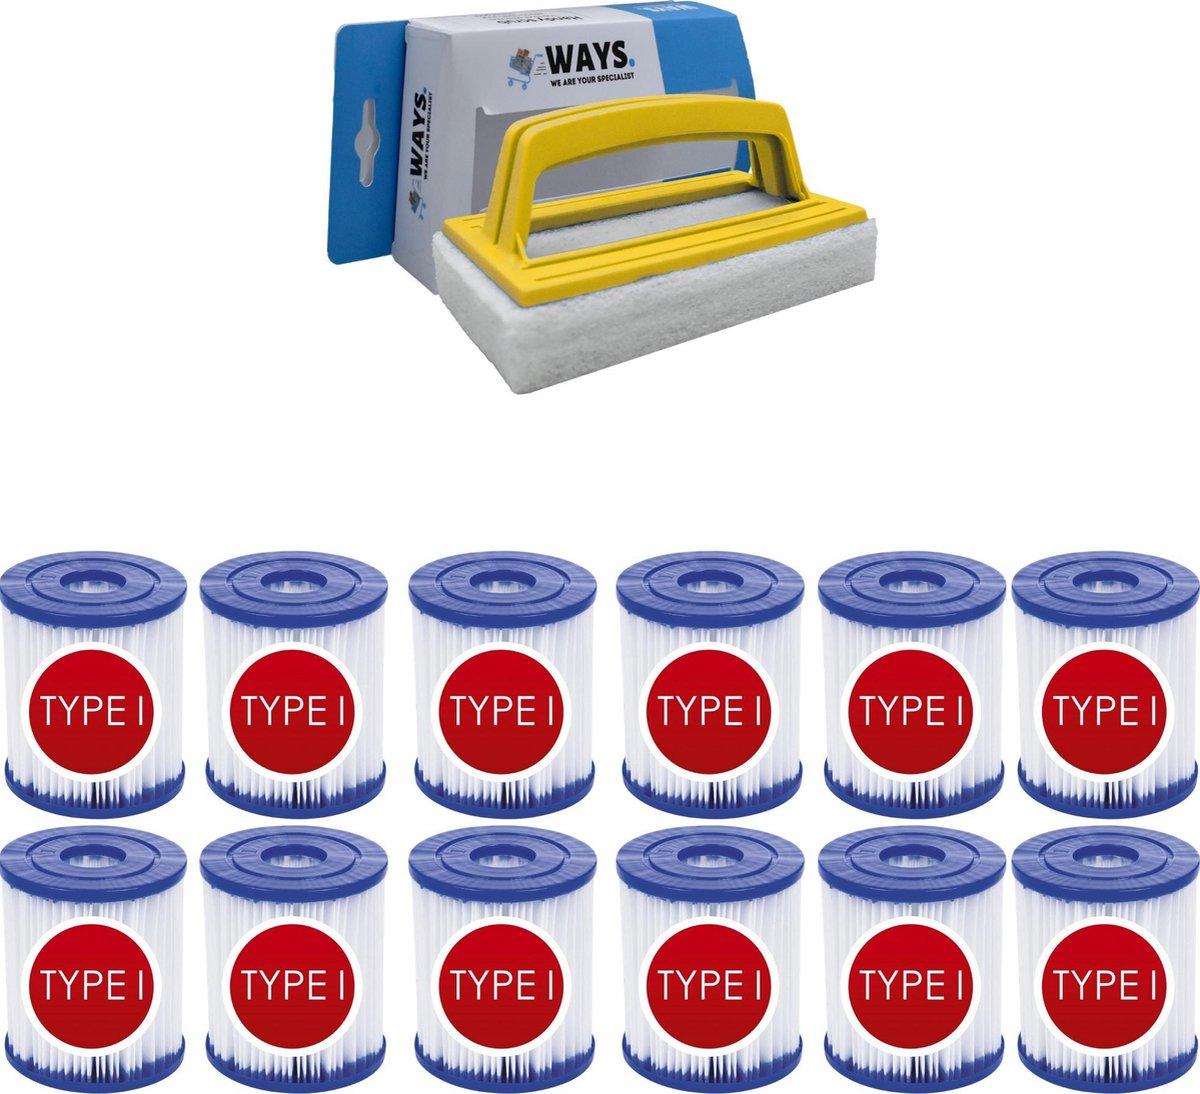 Bestway - Type I filters geschikt voor filterpomp 58381 - 12 stuks & WAYS scrubborstel